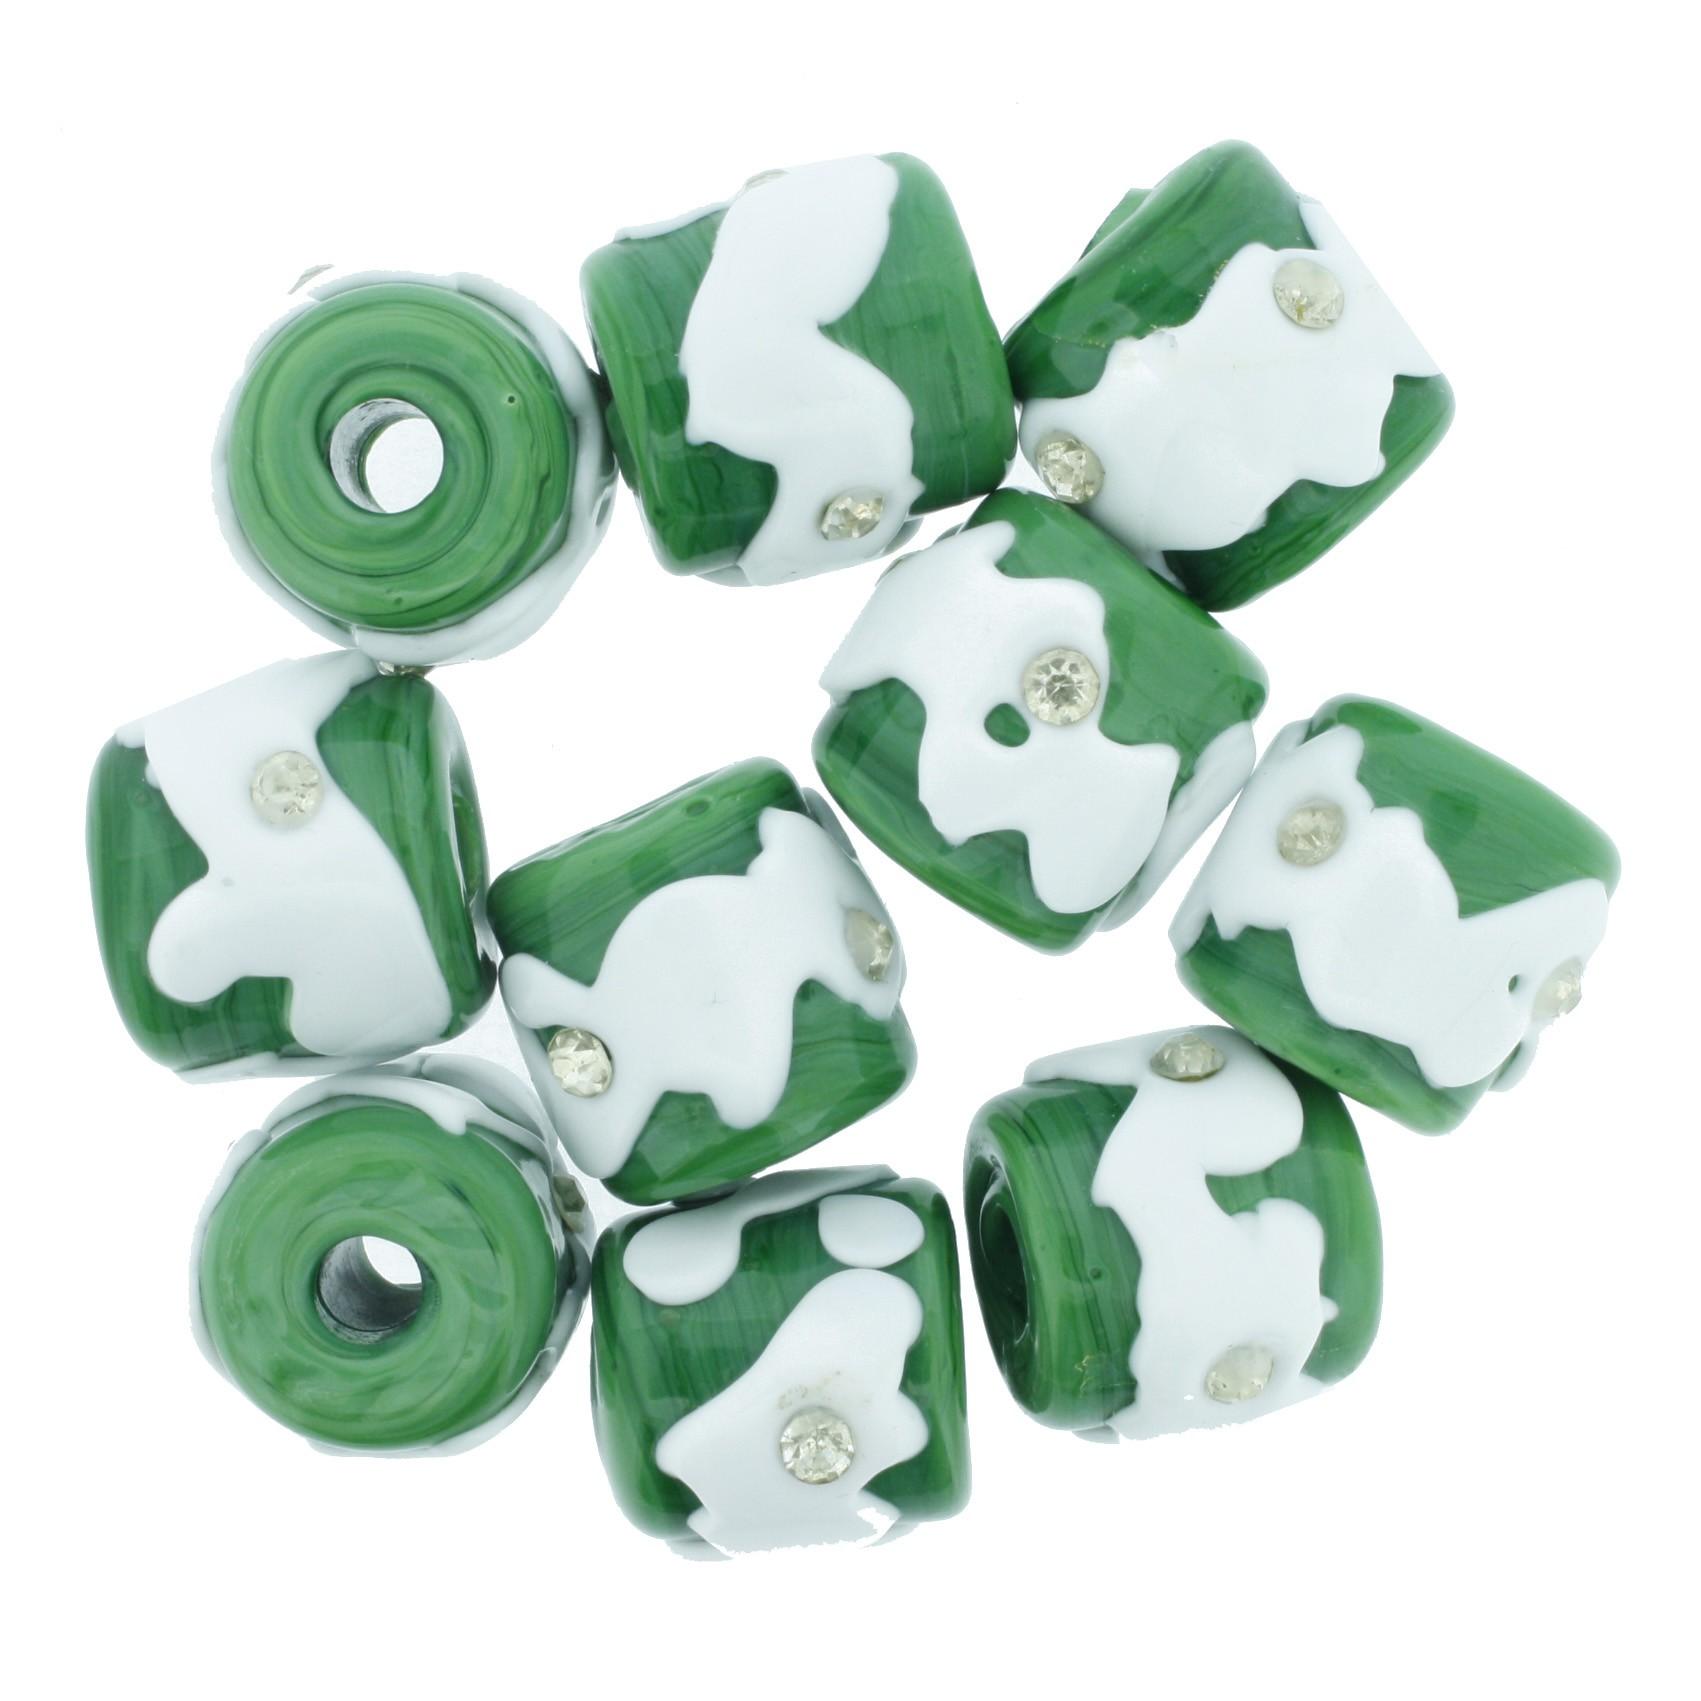 Firmas Strass - Verde e Branca  - Stéphanie Bijoux® - Peças para Bijuterias e Artesanato